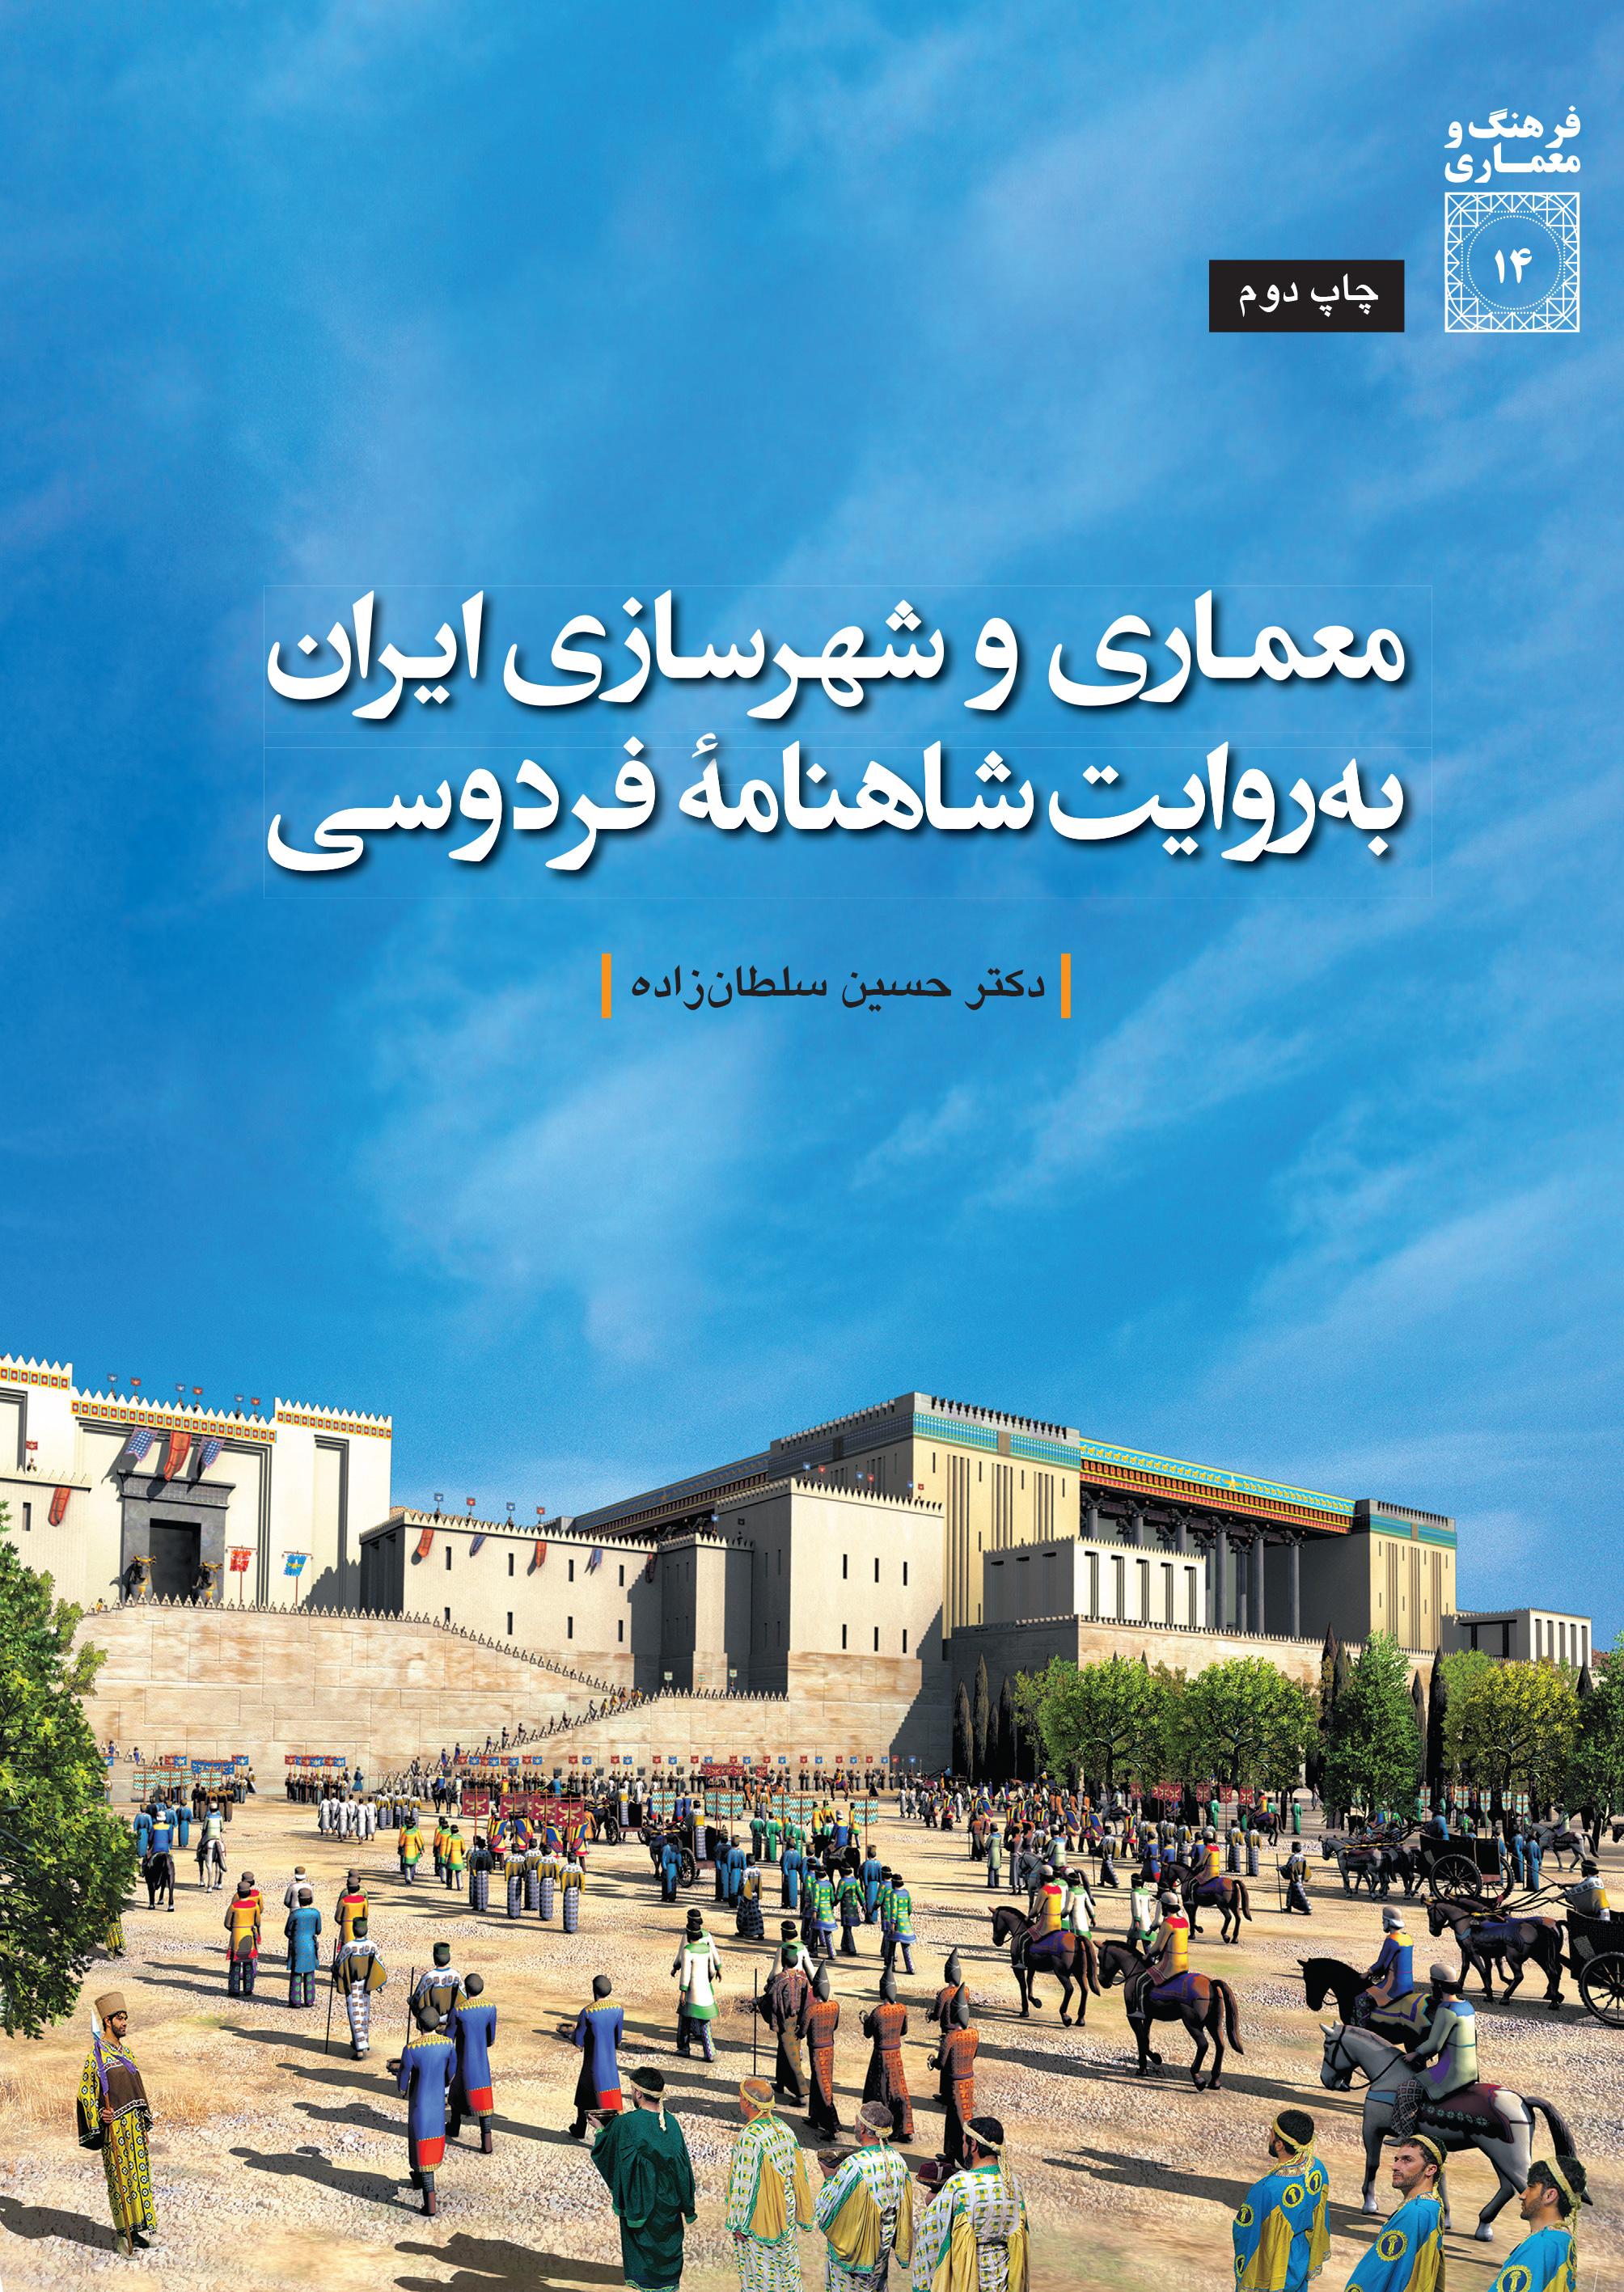 معماری و شهرسازی ایران به روایت شاهنامۀ فردوسی